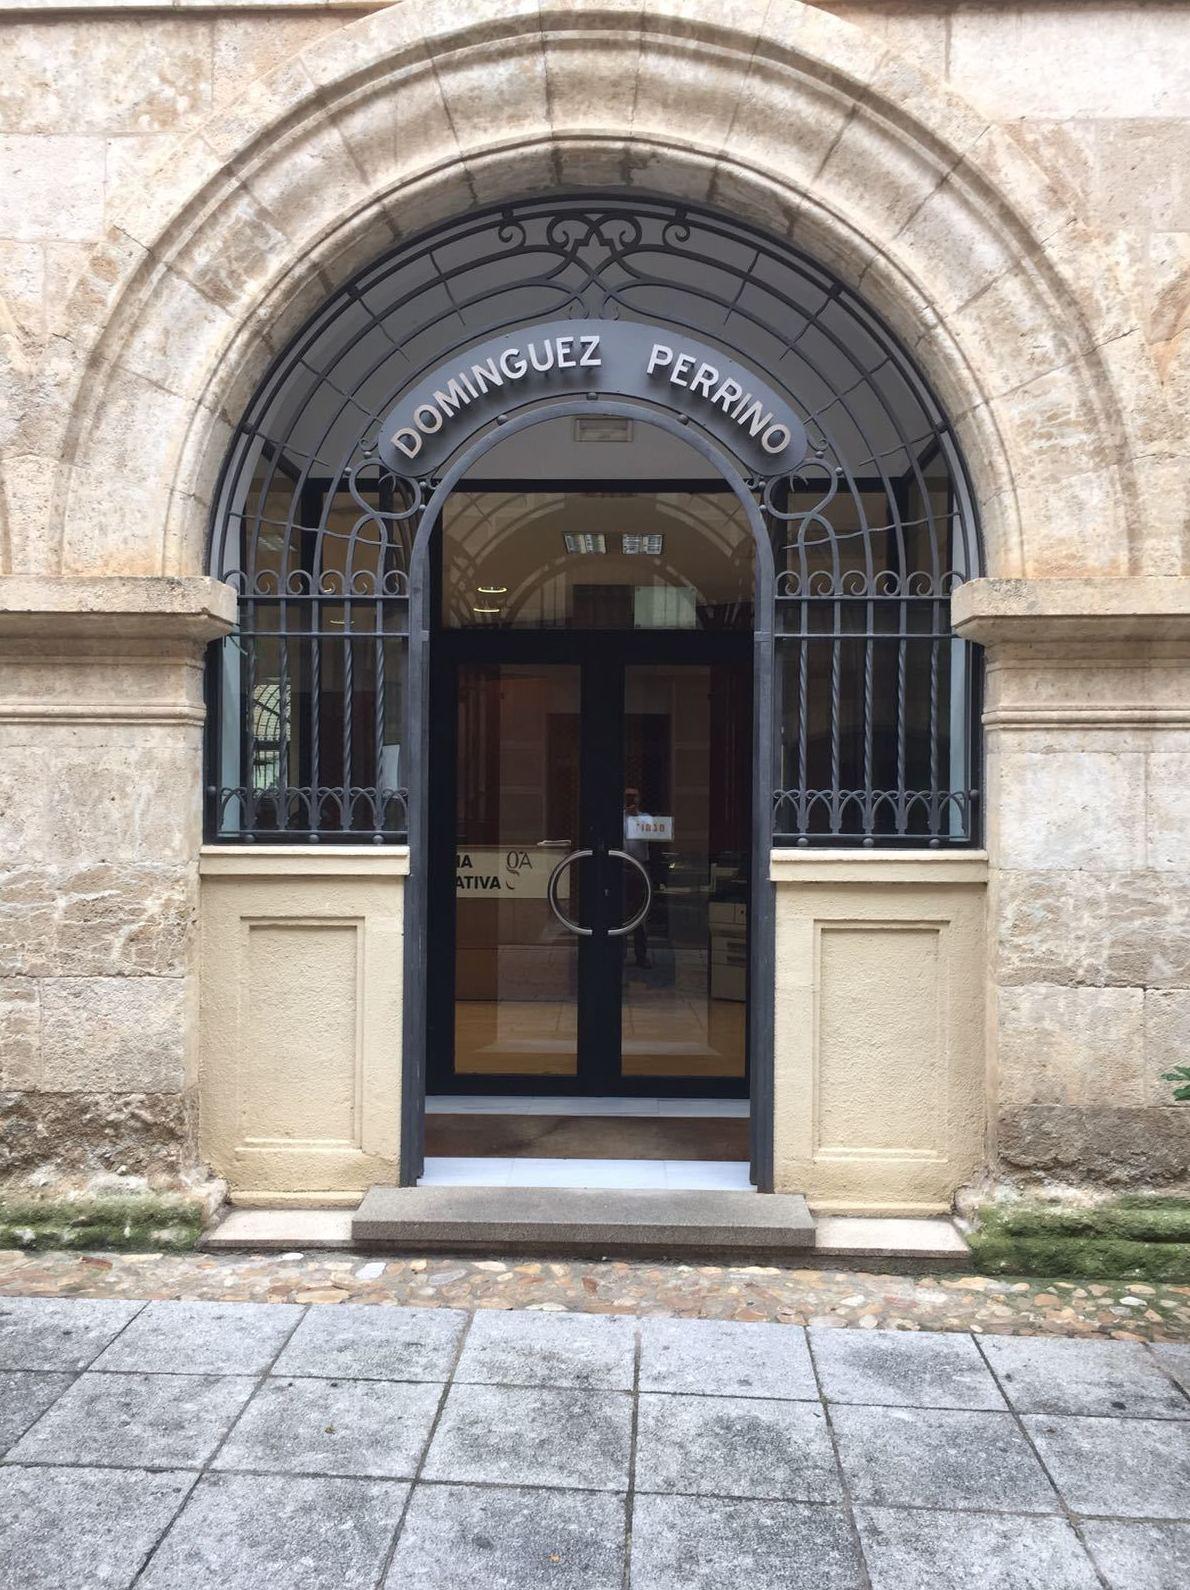 Foto 2 de Asesorías de empresa en Ciudad Rodrigo | Domínguez y Perrino